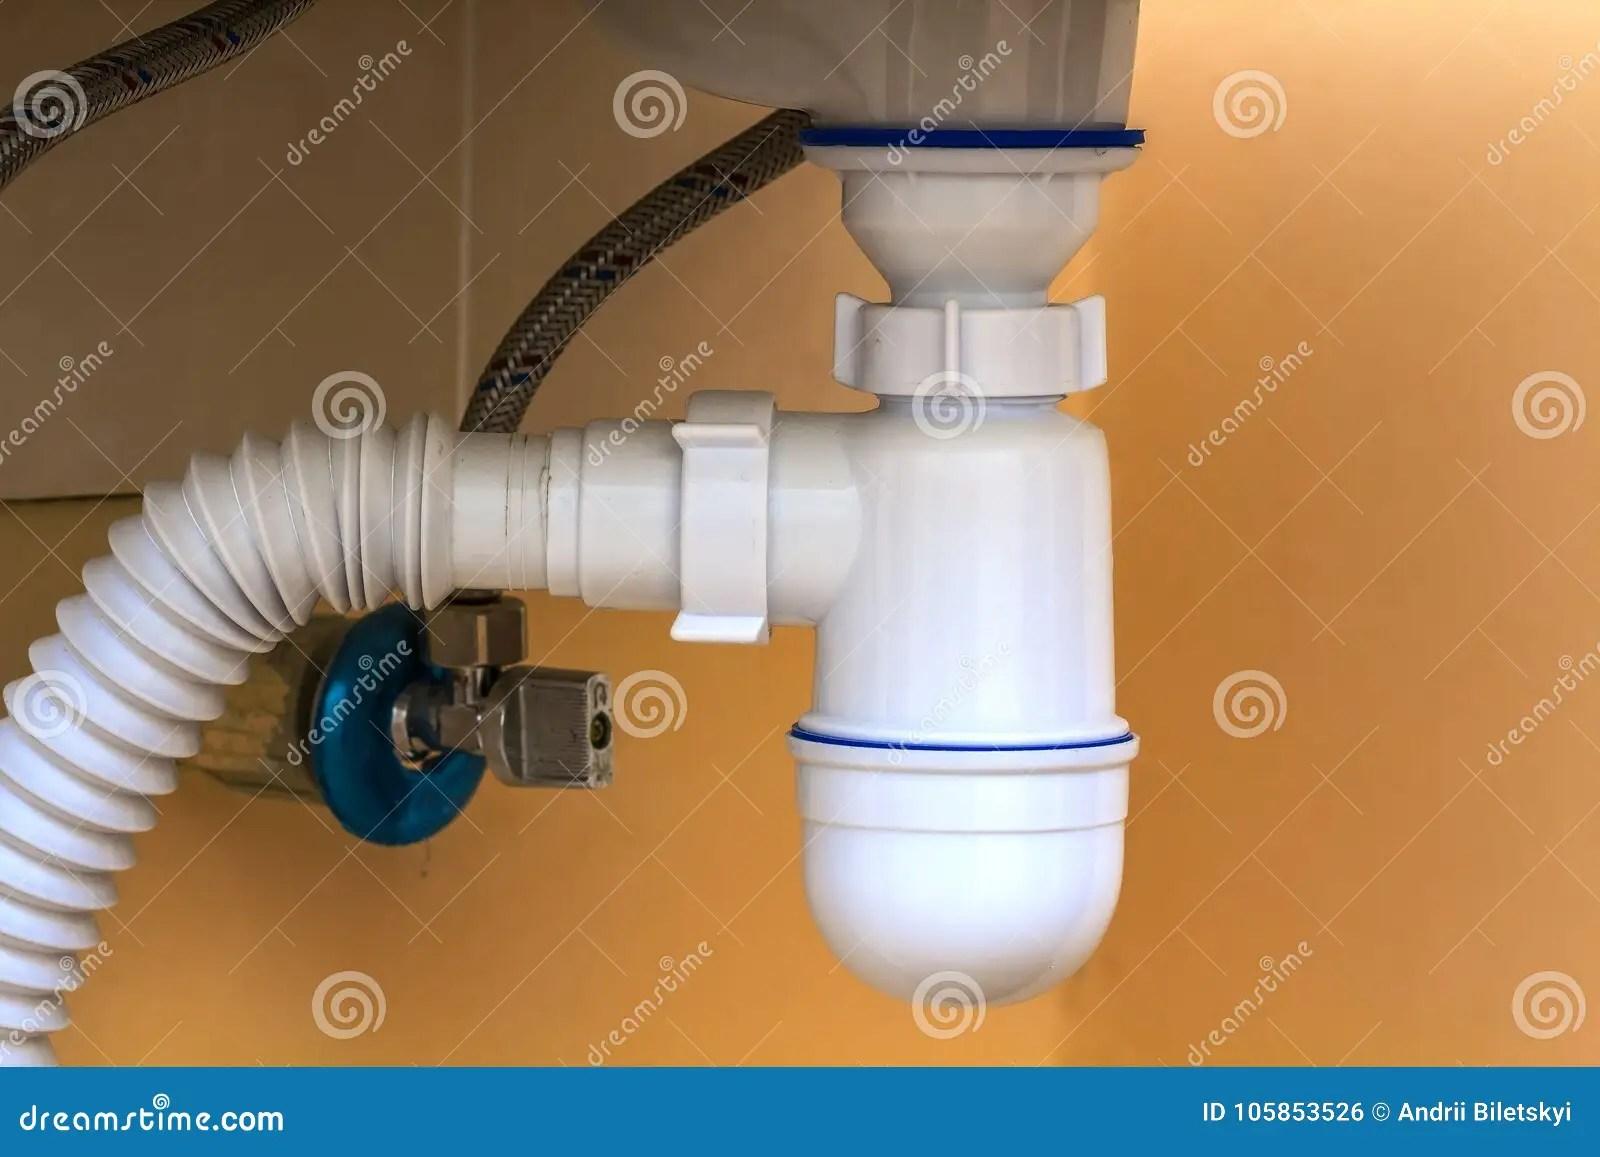 kitchen drain butcher block 下水道在厨房水槽下的排水管管子附件和fa 库存照片 图片包括有水槽 被